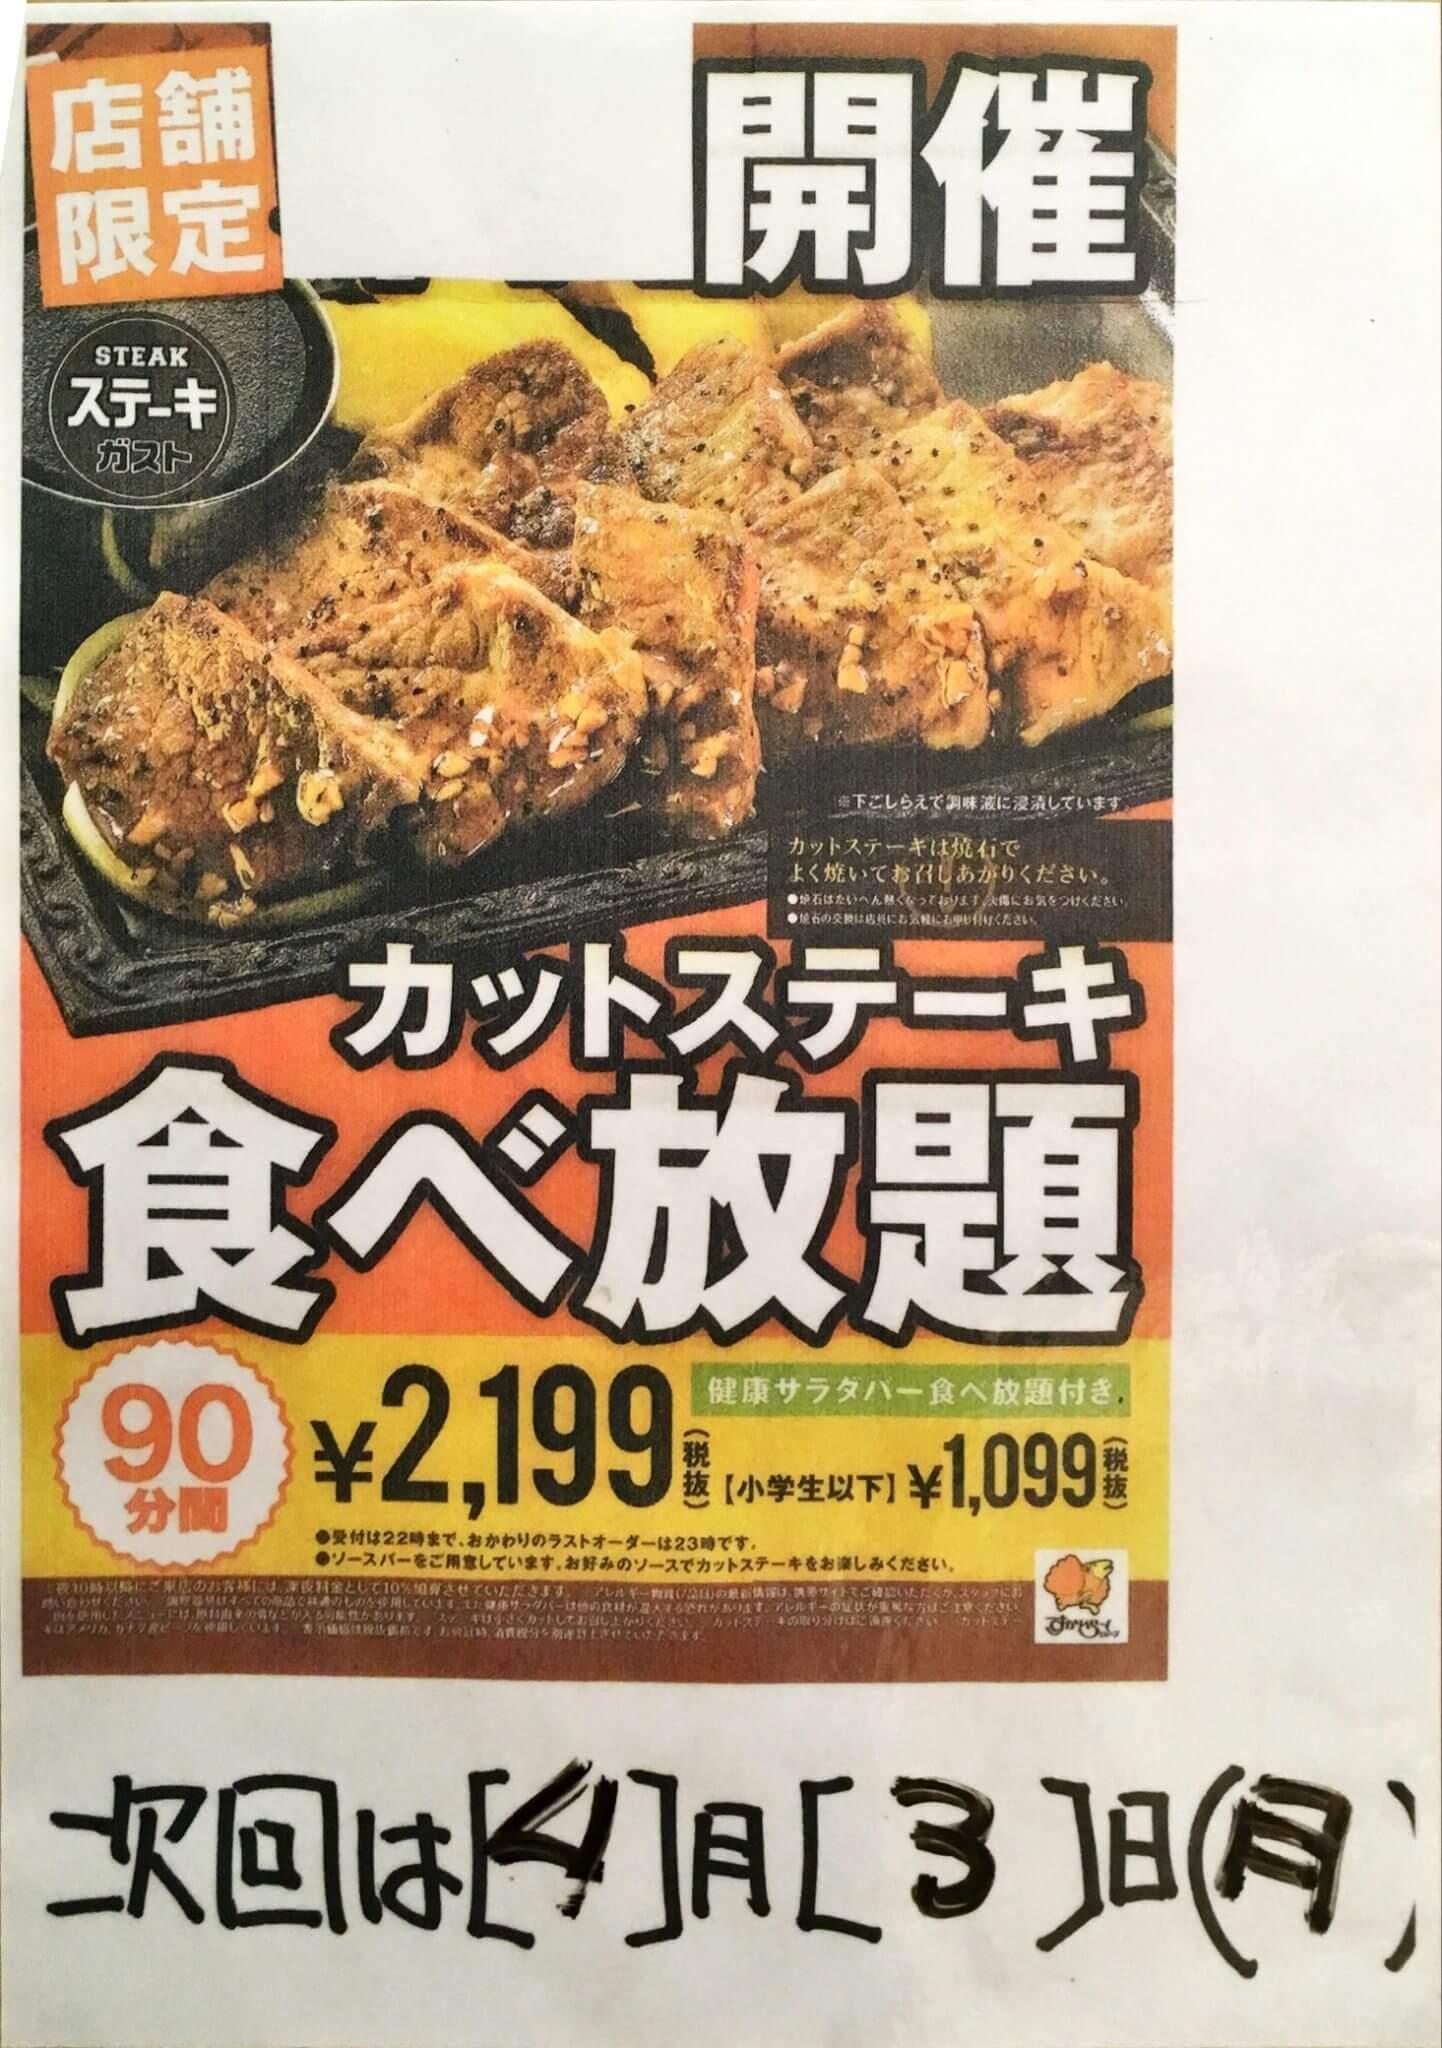 ステーキガスト三郷谷口店のカットステーキ食べ放題は4月3日開催されます!